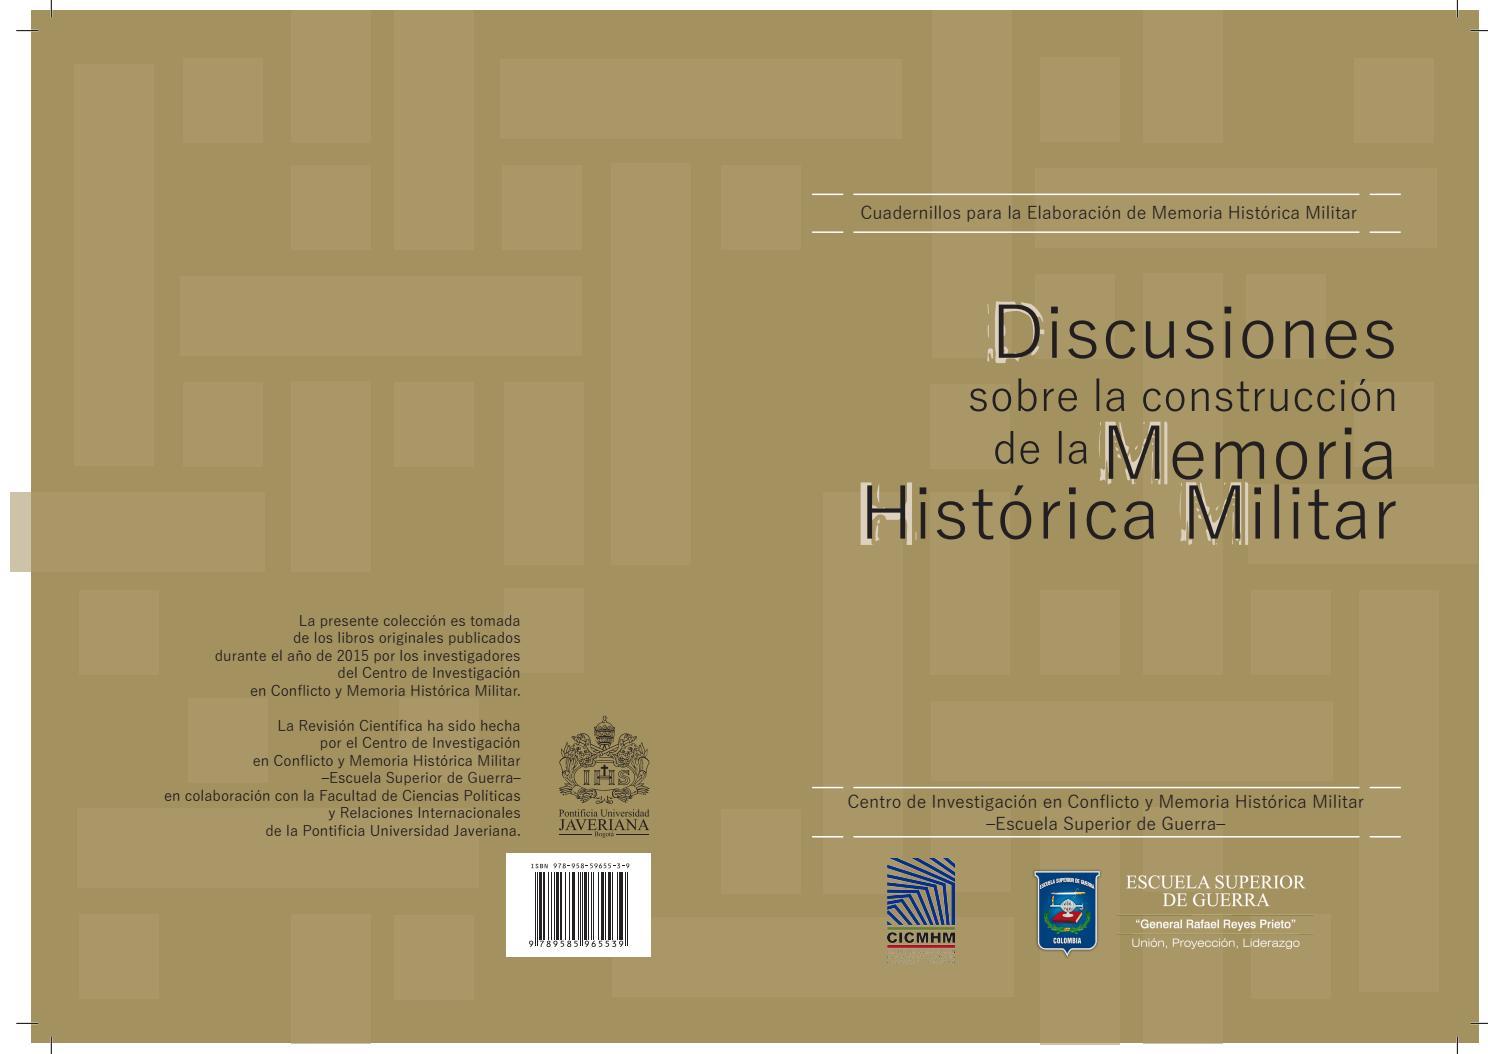 Discuciones Sobre la Construccion de Memoria Historica Militar by ...